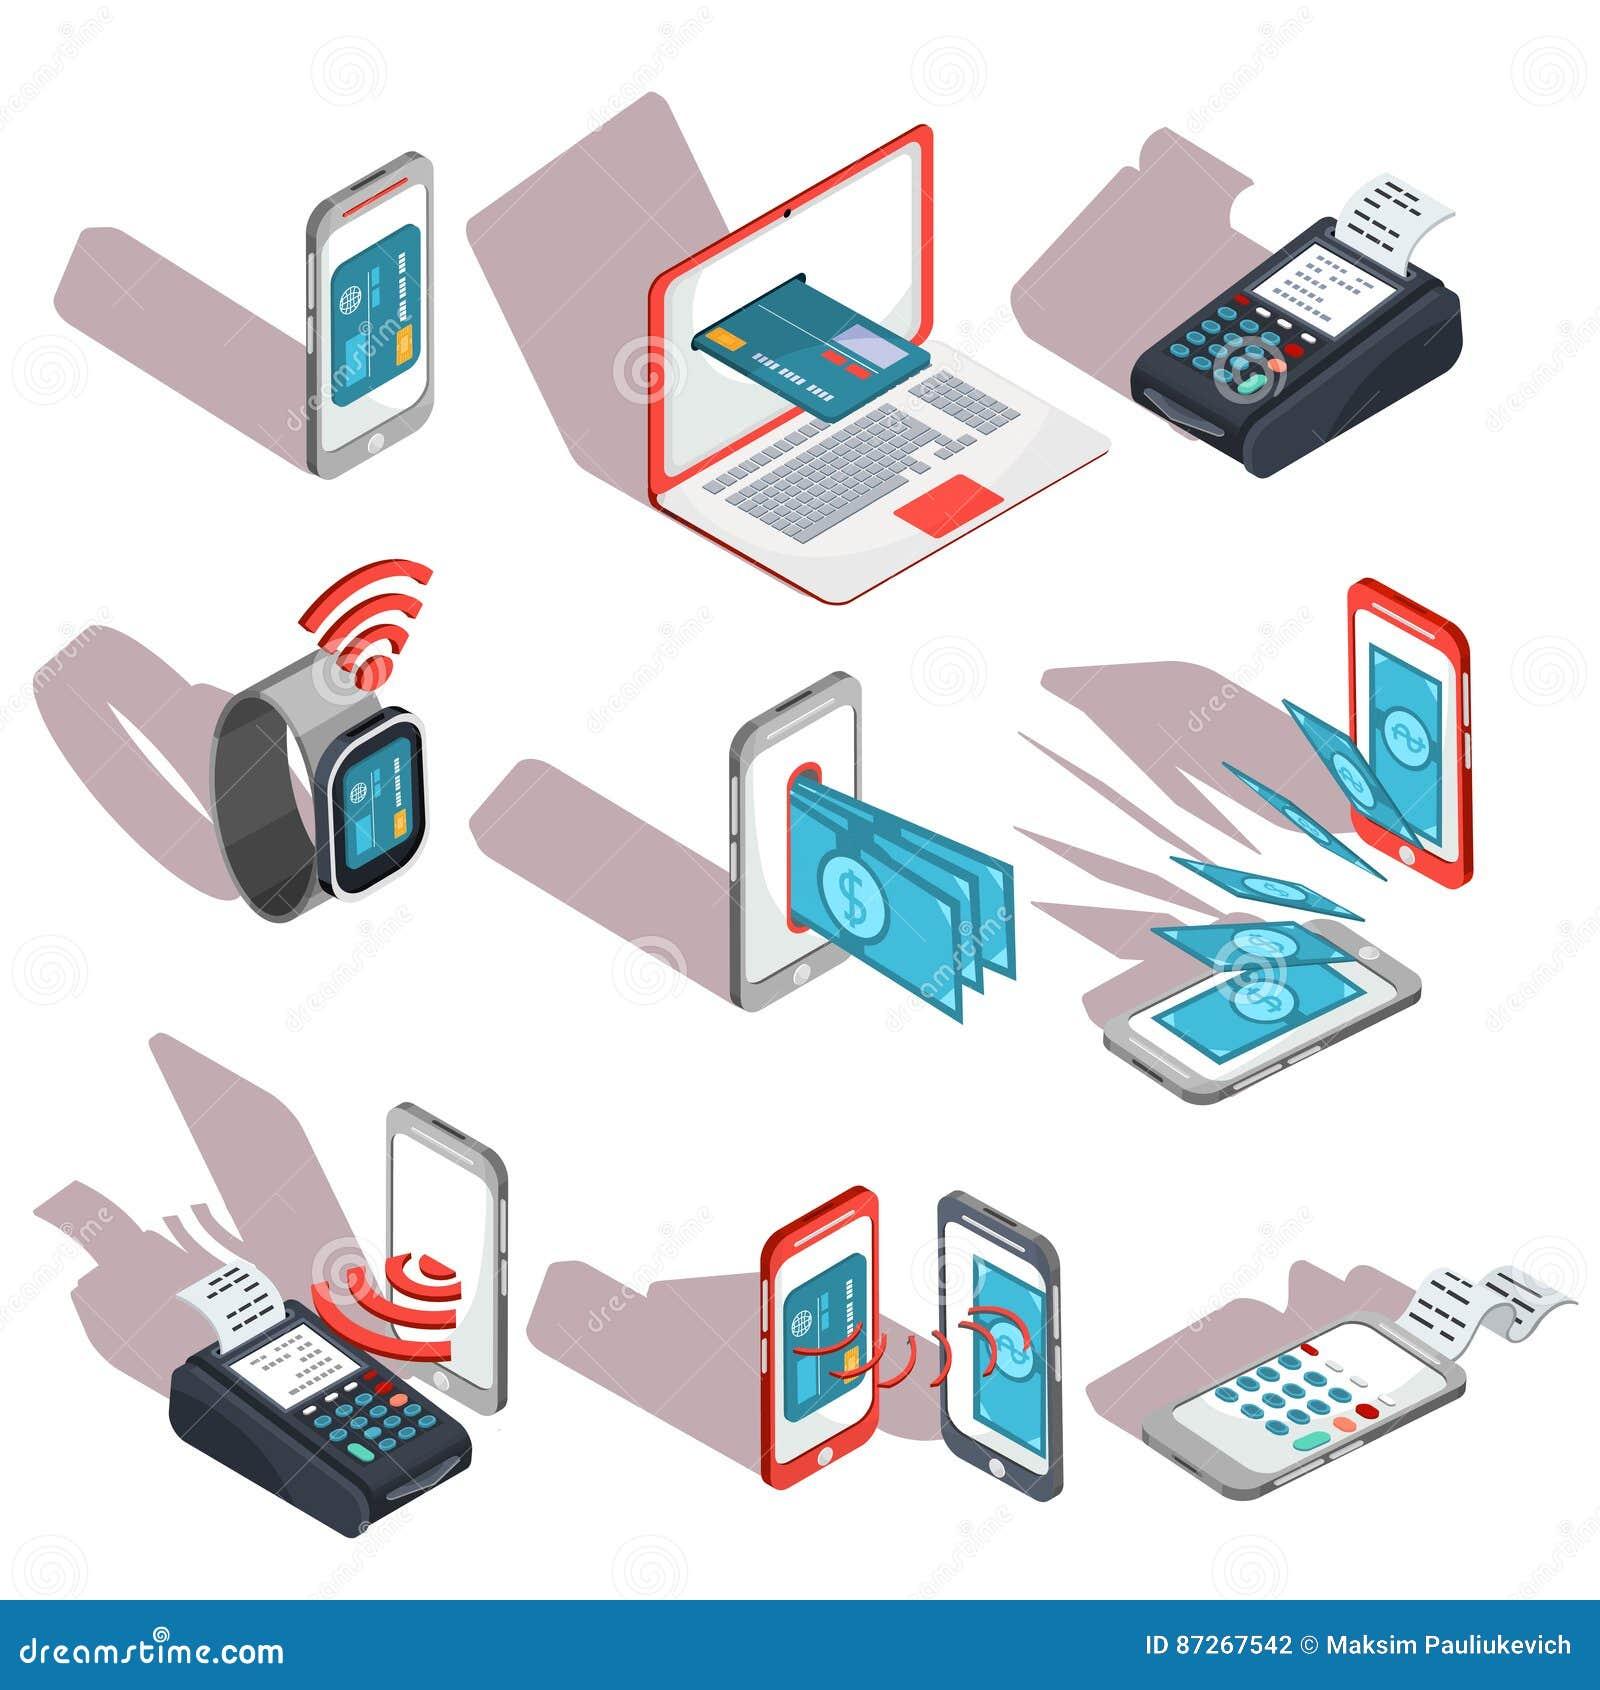 ... Icônes des téléphones portables, ordinateur portable, montres-bracelet,  terminal de paiement montrant la facilité et la commodité des paiements en  ligne 0706feb2b9e5